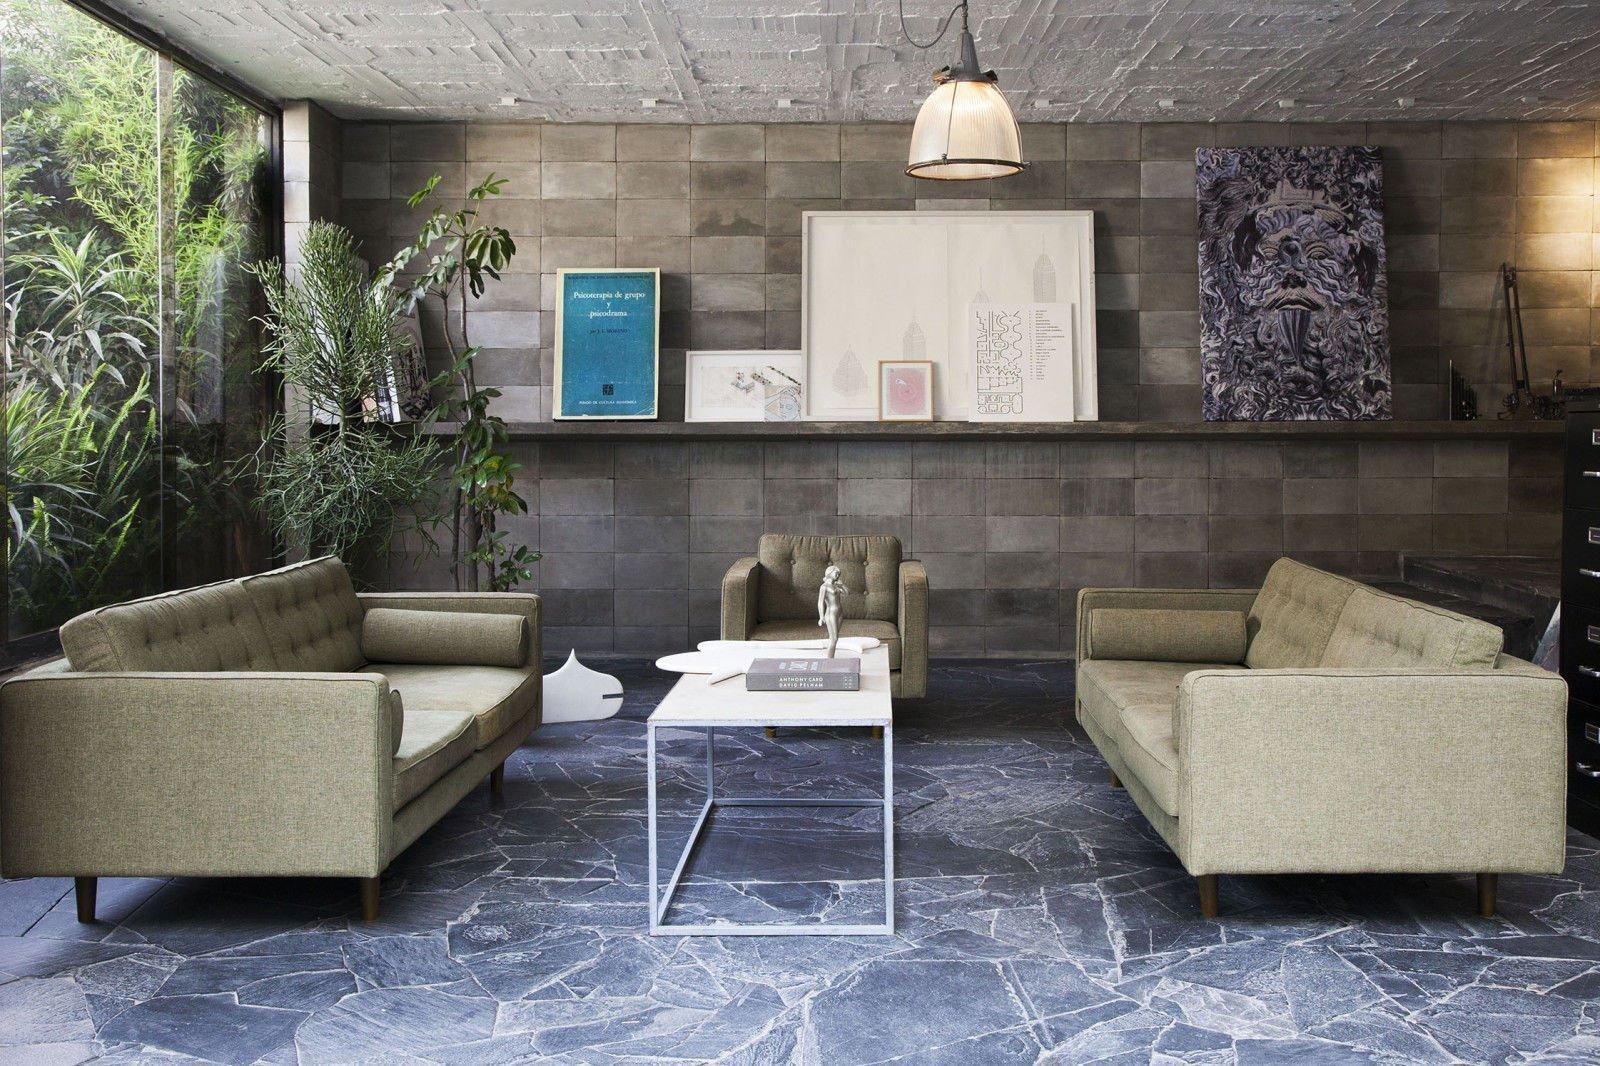 Nội thất Brutalism thể thiện tính chân thực và thân thiện với môi trường